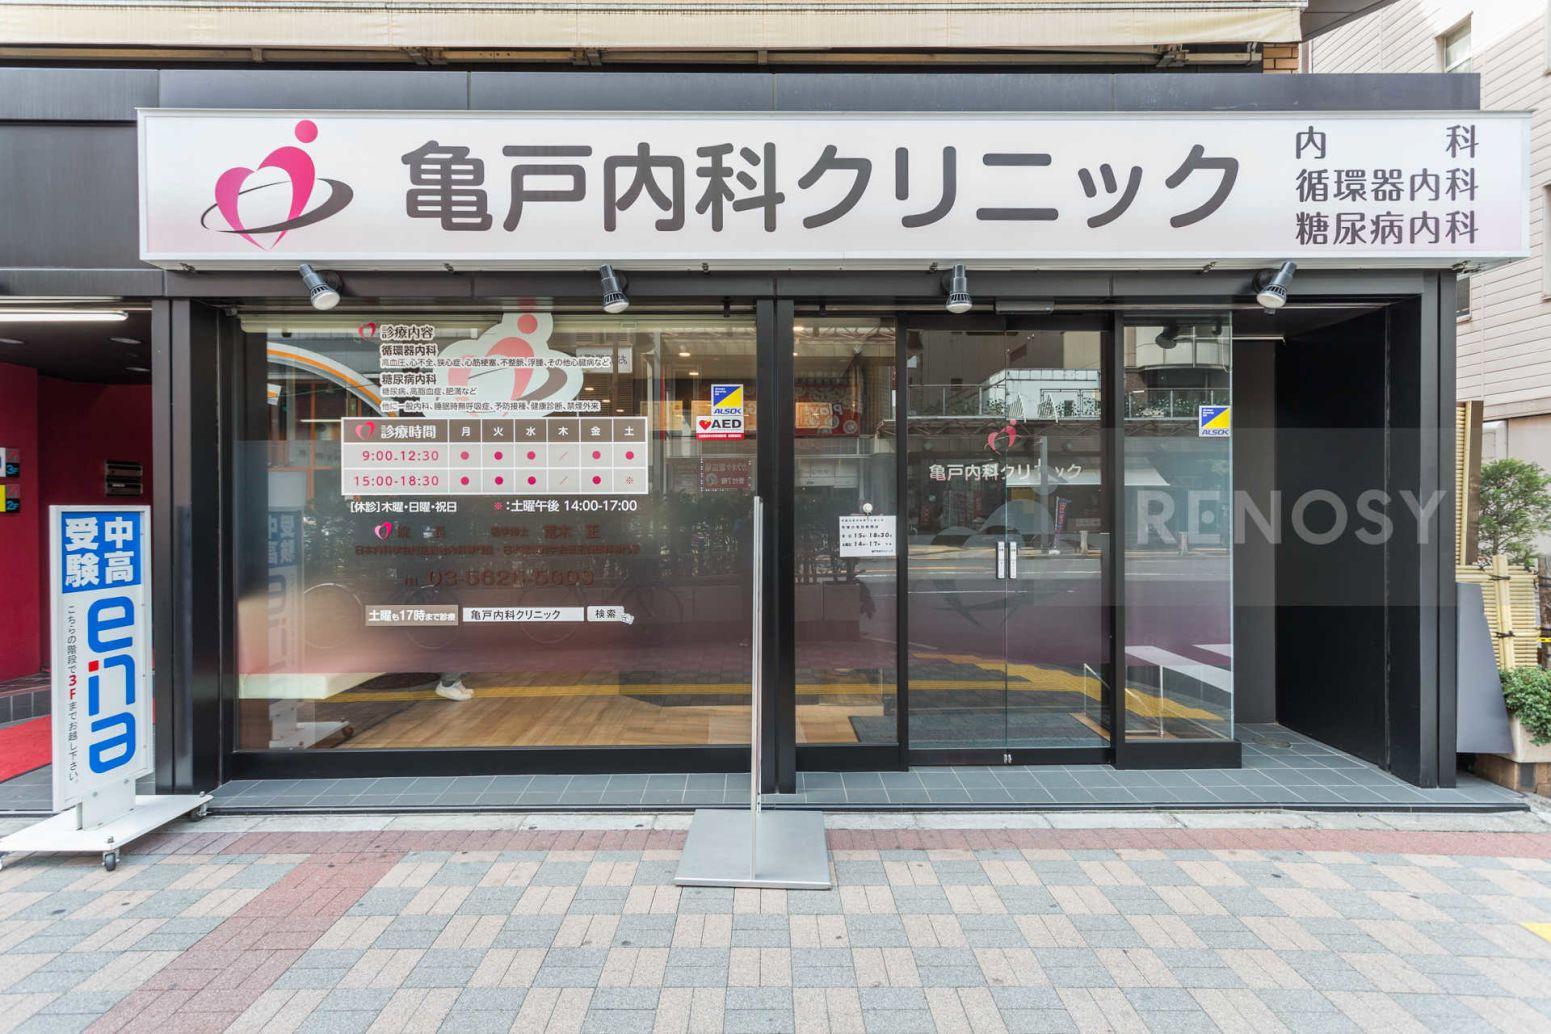 プレール・ドゥーク亀戸Ⅲ